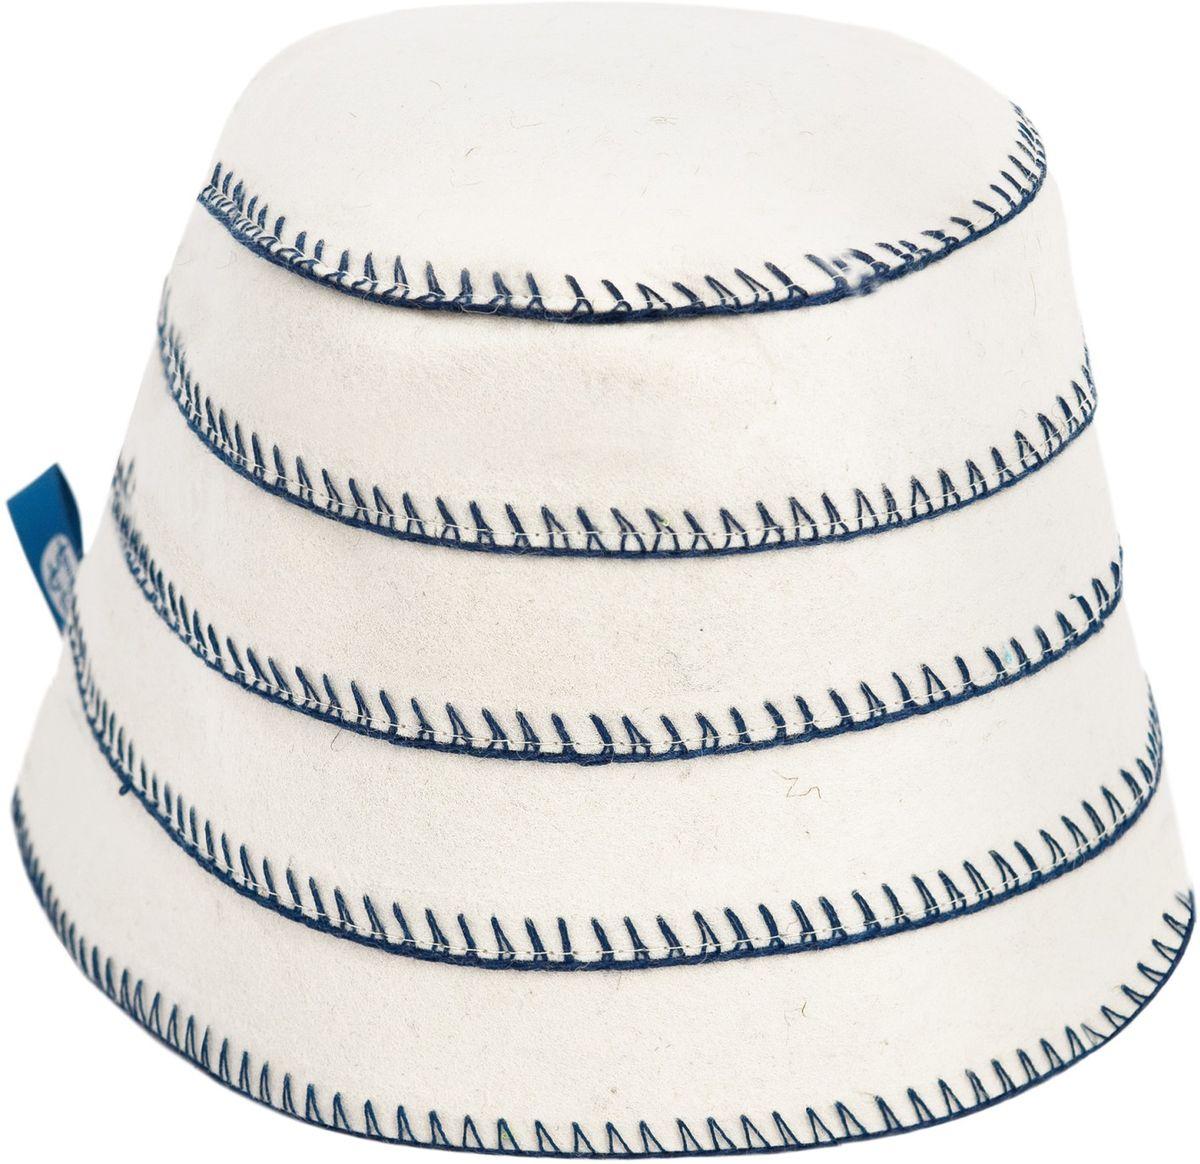 Шапка для бани и сауны Matti (Матти), цвет: бежевый. Размер M. 165165 MИзысканная утонченность шапок Matti (Матти), выполненных из натурального фетра, радует идеальной выделкой шерсти, что делает их удивительно гигроскопичными и защищает от высоких температур в парной. Особые дизайнерские находки нашли свое воплощение в необычном крое и высокой комфортности изделий. Контрастная окантовка привлекает внимание, объединяя благородство форм и лаконичность стиля. Характеристики: Цвет: бежевый. Материал: фетр. Размер шапки: M. Максимальный обхват головы (по основанию шапки): 68 см. Высота шапки: 16 см. Производитель: Россия. Артикул: 165.